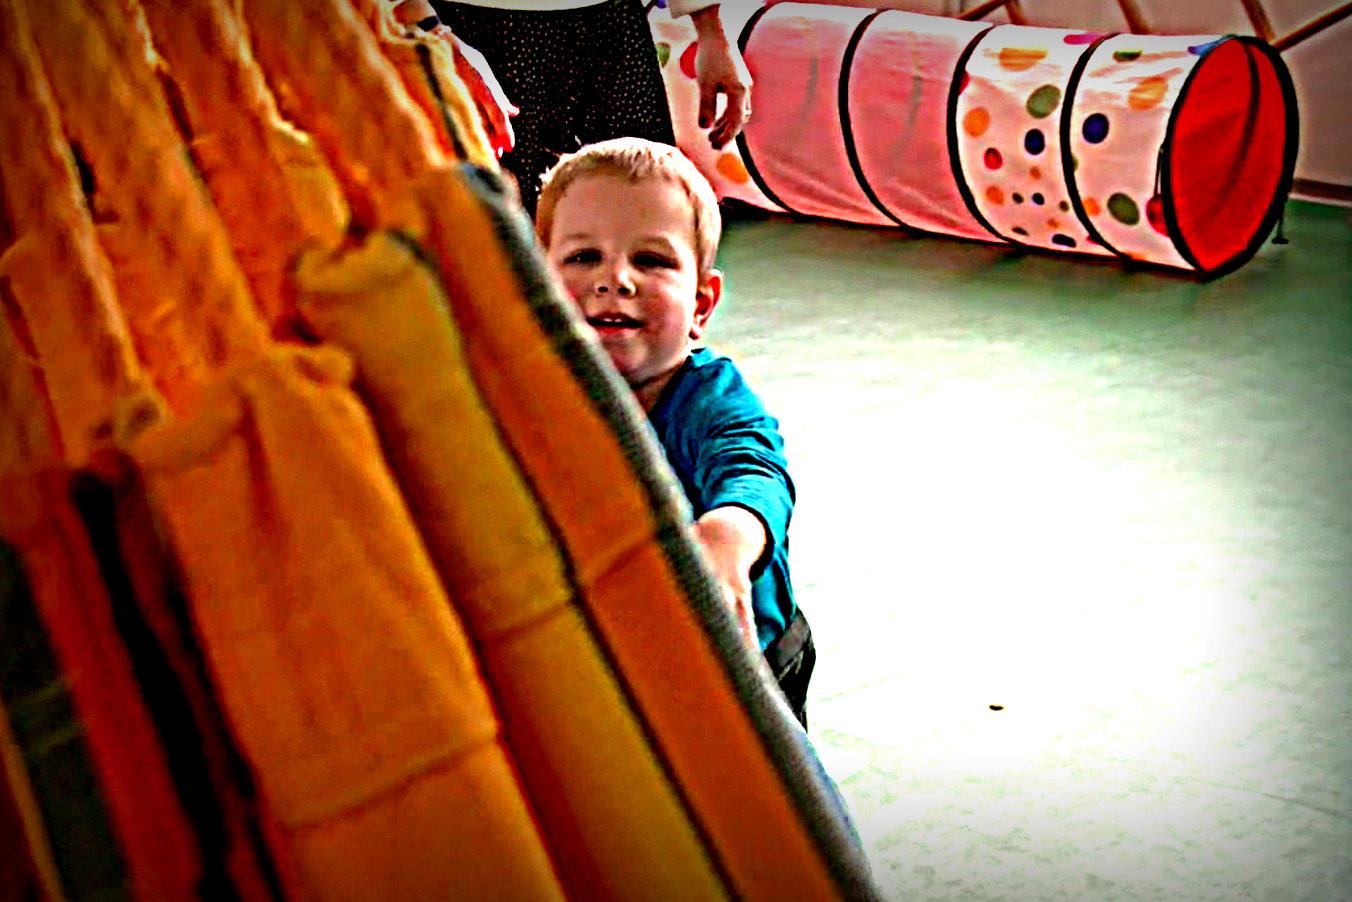 Gyermekbajok 3 (Array)